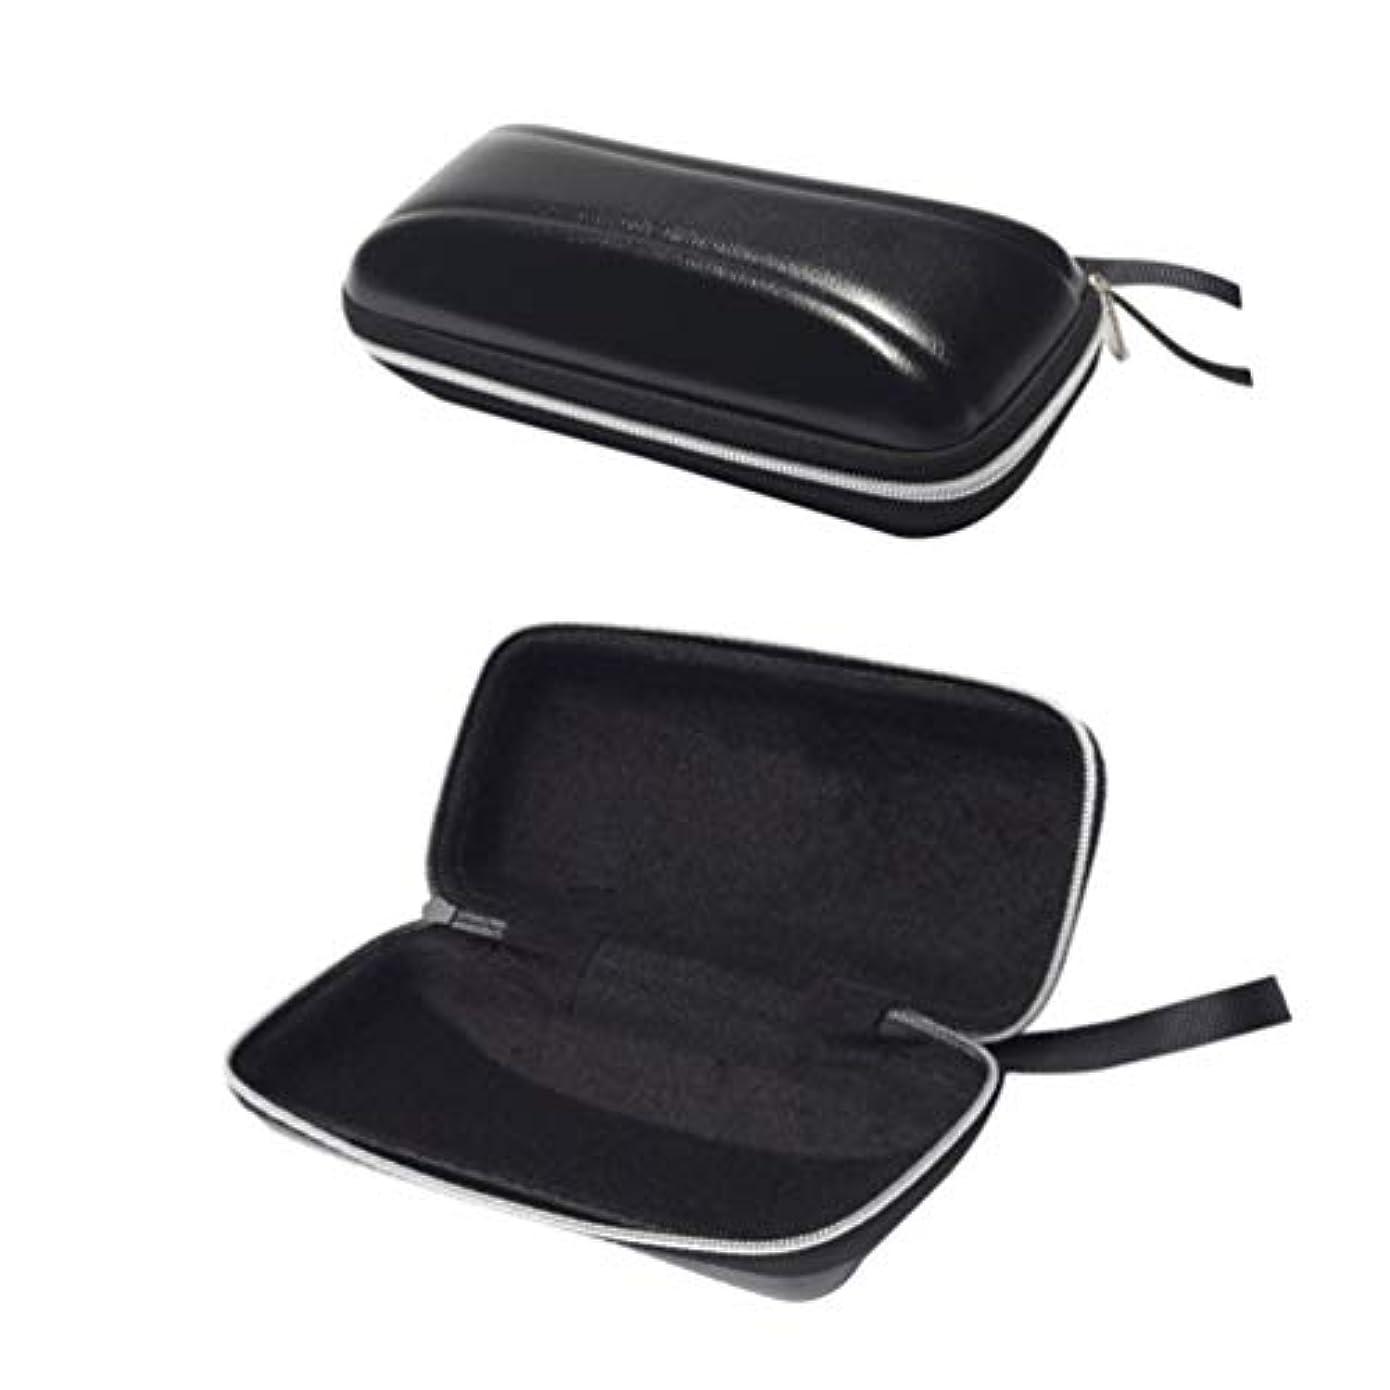 安心バンジージャンプかけがえのないSUPVOX ハードシェルサングラスケース保護用ハードメガネケースpuジッパー付き旅行用2pcs